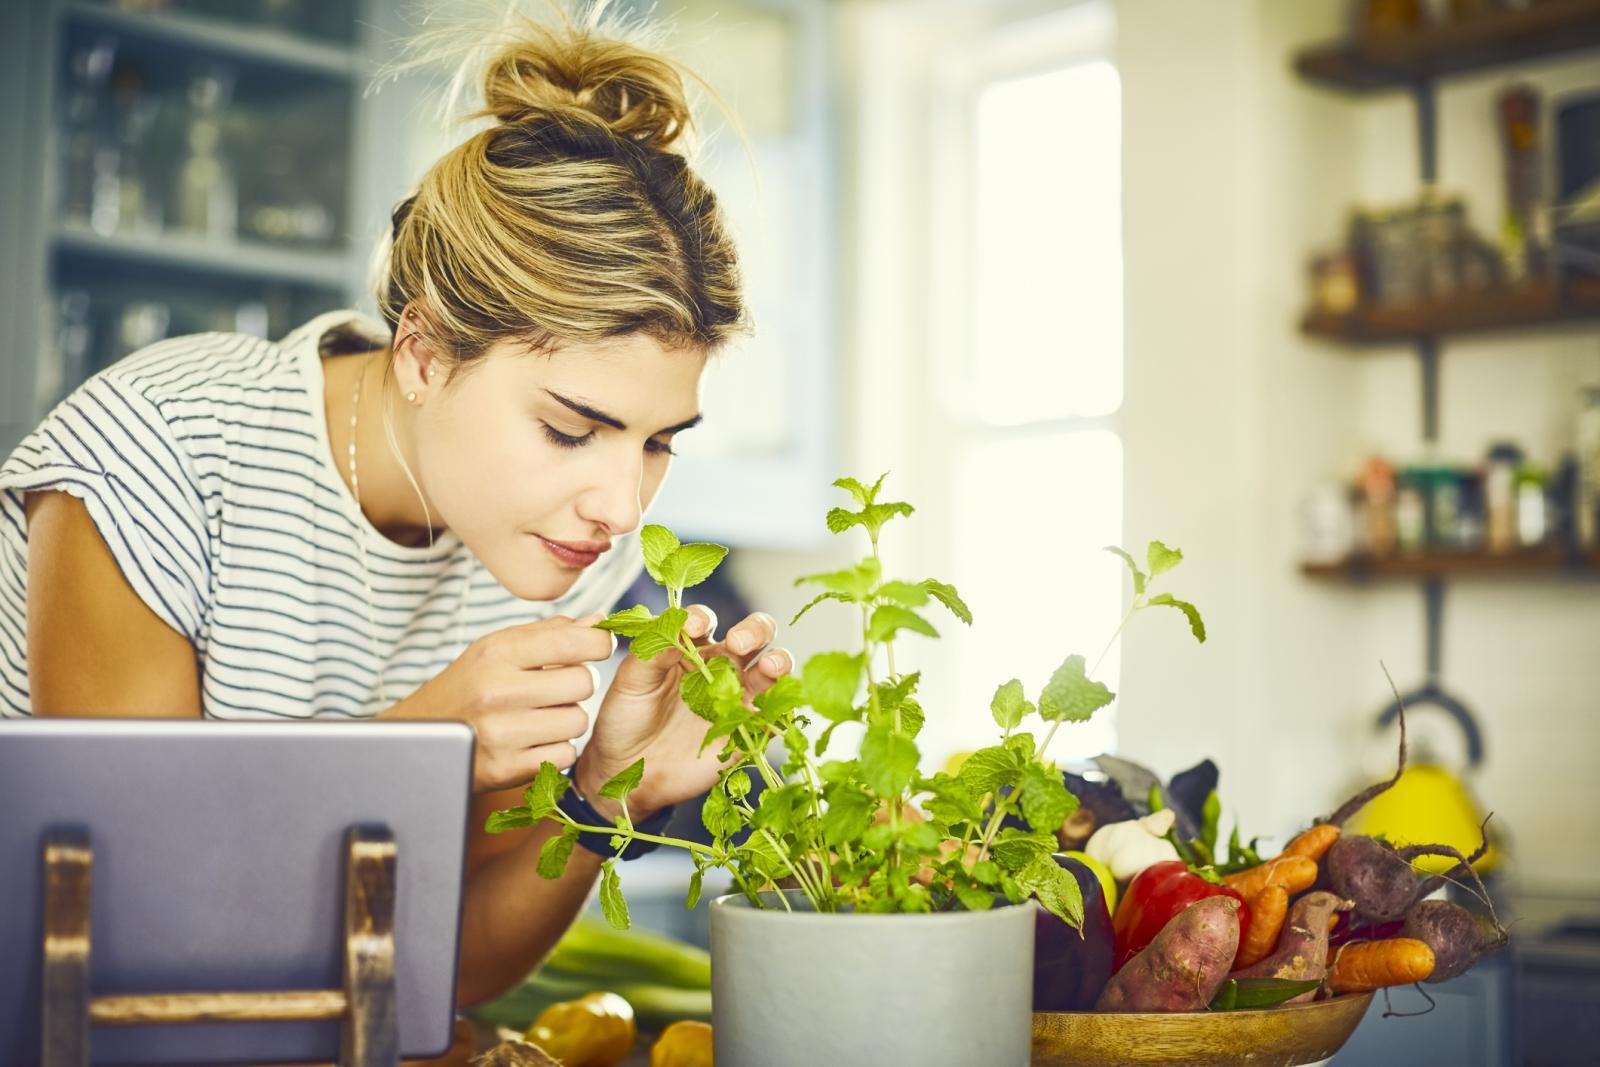 Ako nemate vrt, a toliko ste puta poželjeli imati nešto uzgojeno vlastitim rukama, ideja o kuhinjskom ili balkonskom vrtu, naša vam je topla preporuka.